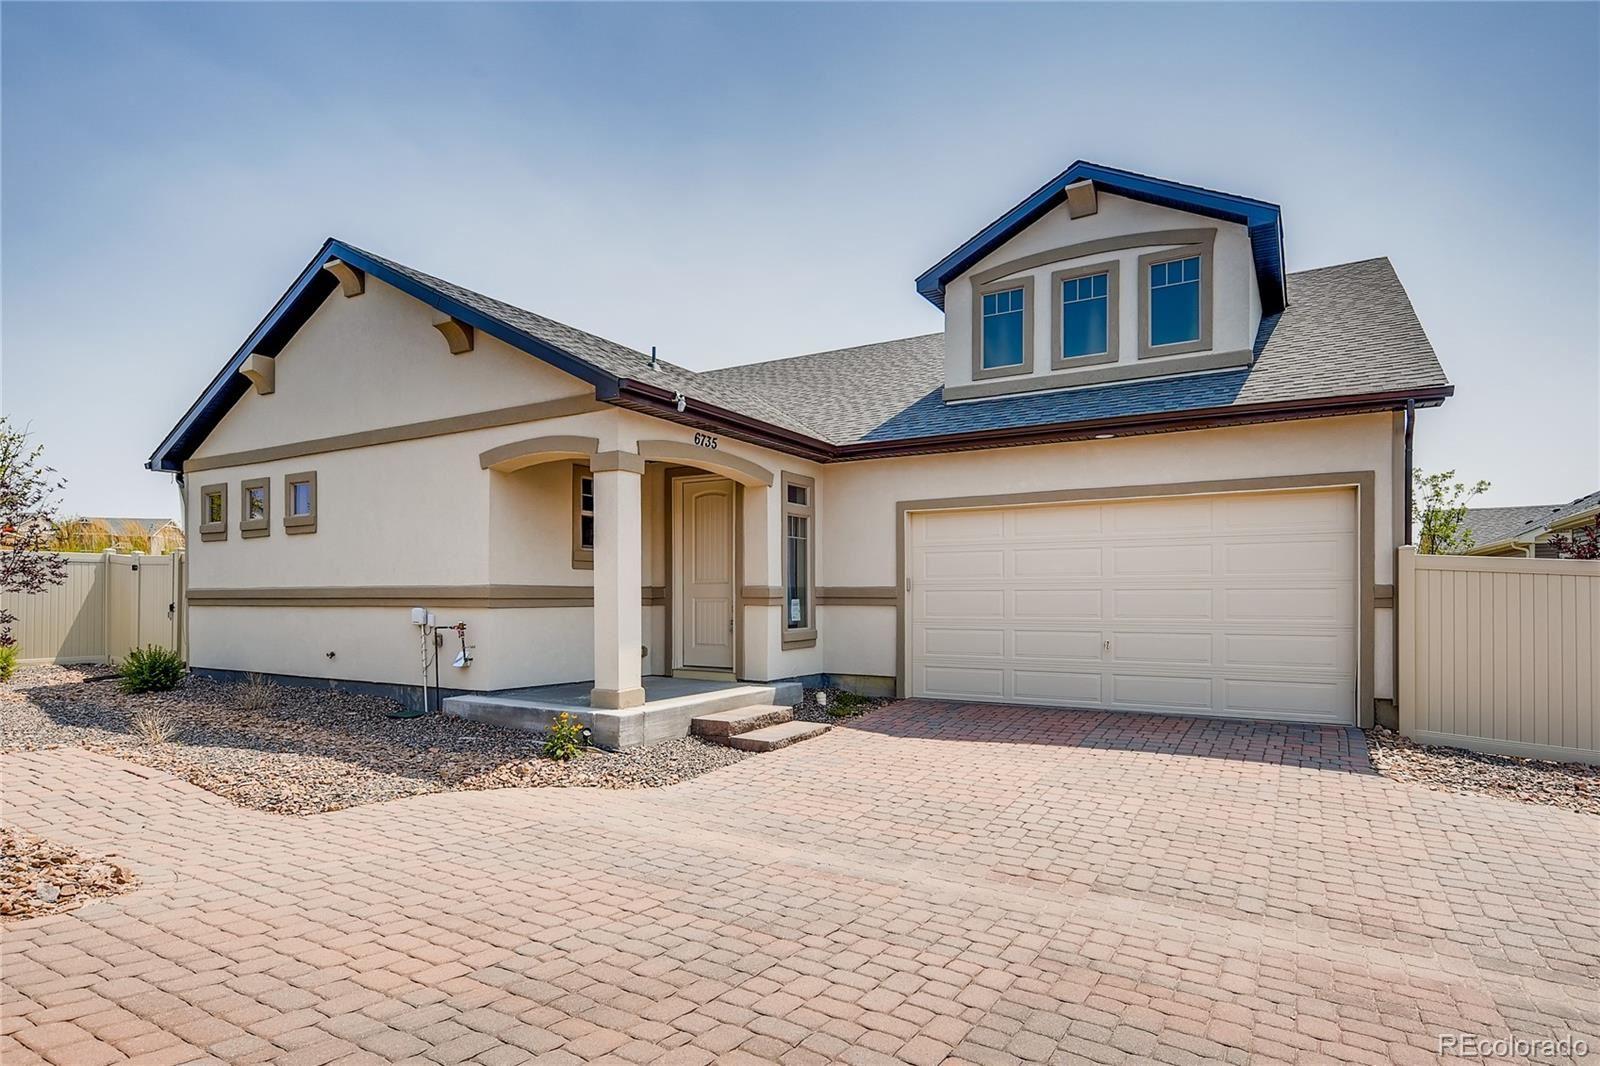 6735 Windbrook, Colorado Springs, CO 80927 - MLS#: 9765927